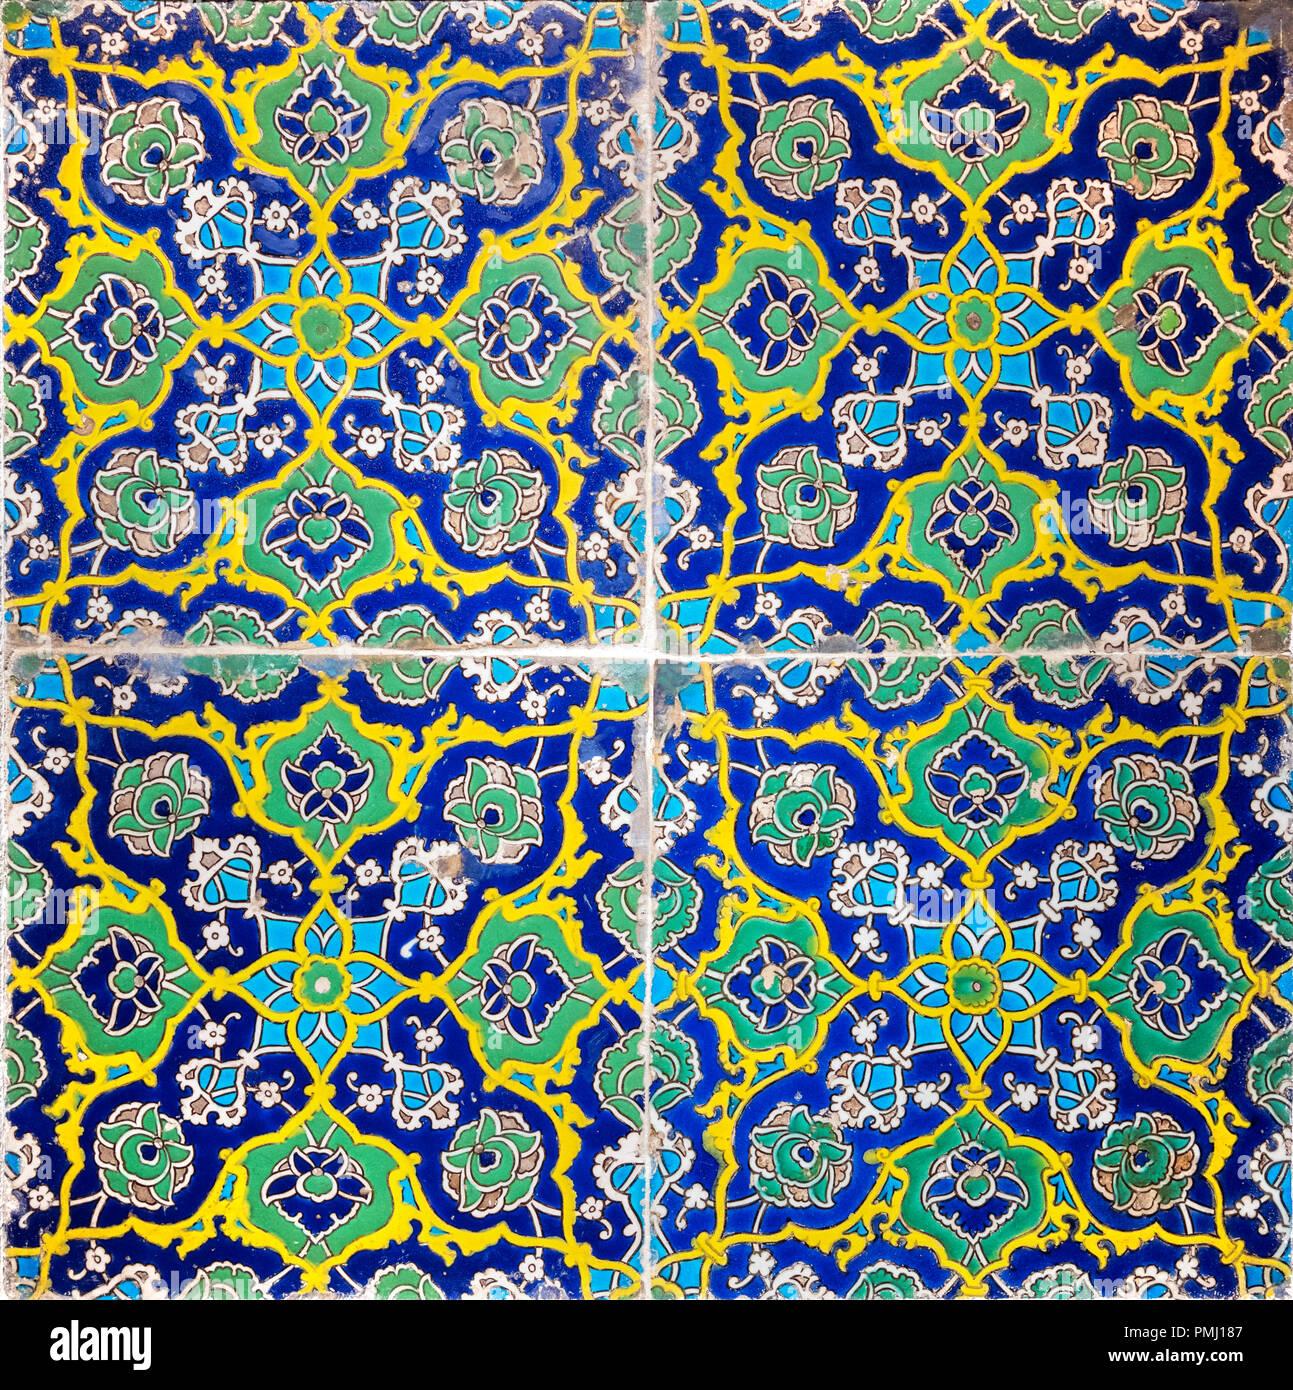 """Anfang des 16. Jahrhunderts türkische Wandfliesen, osmanischen Zeit, in """"cuerda seca' Technik eingerichtet. Stockbild"""